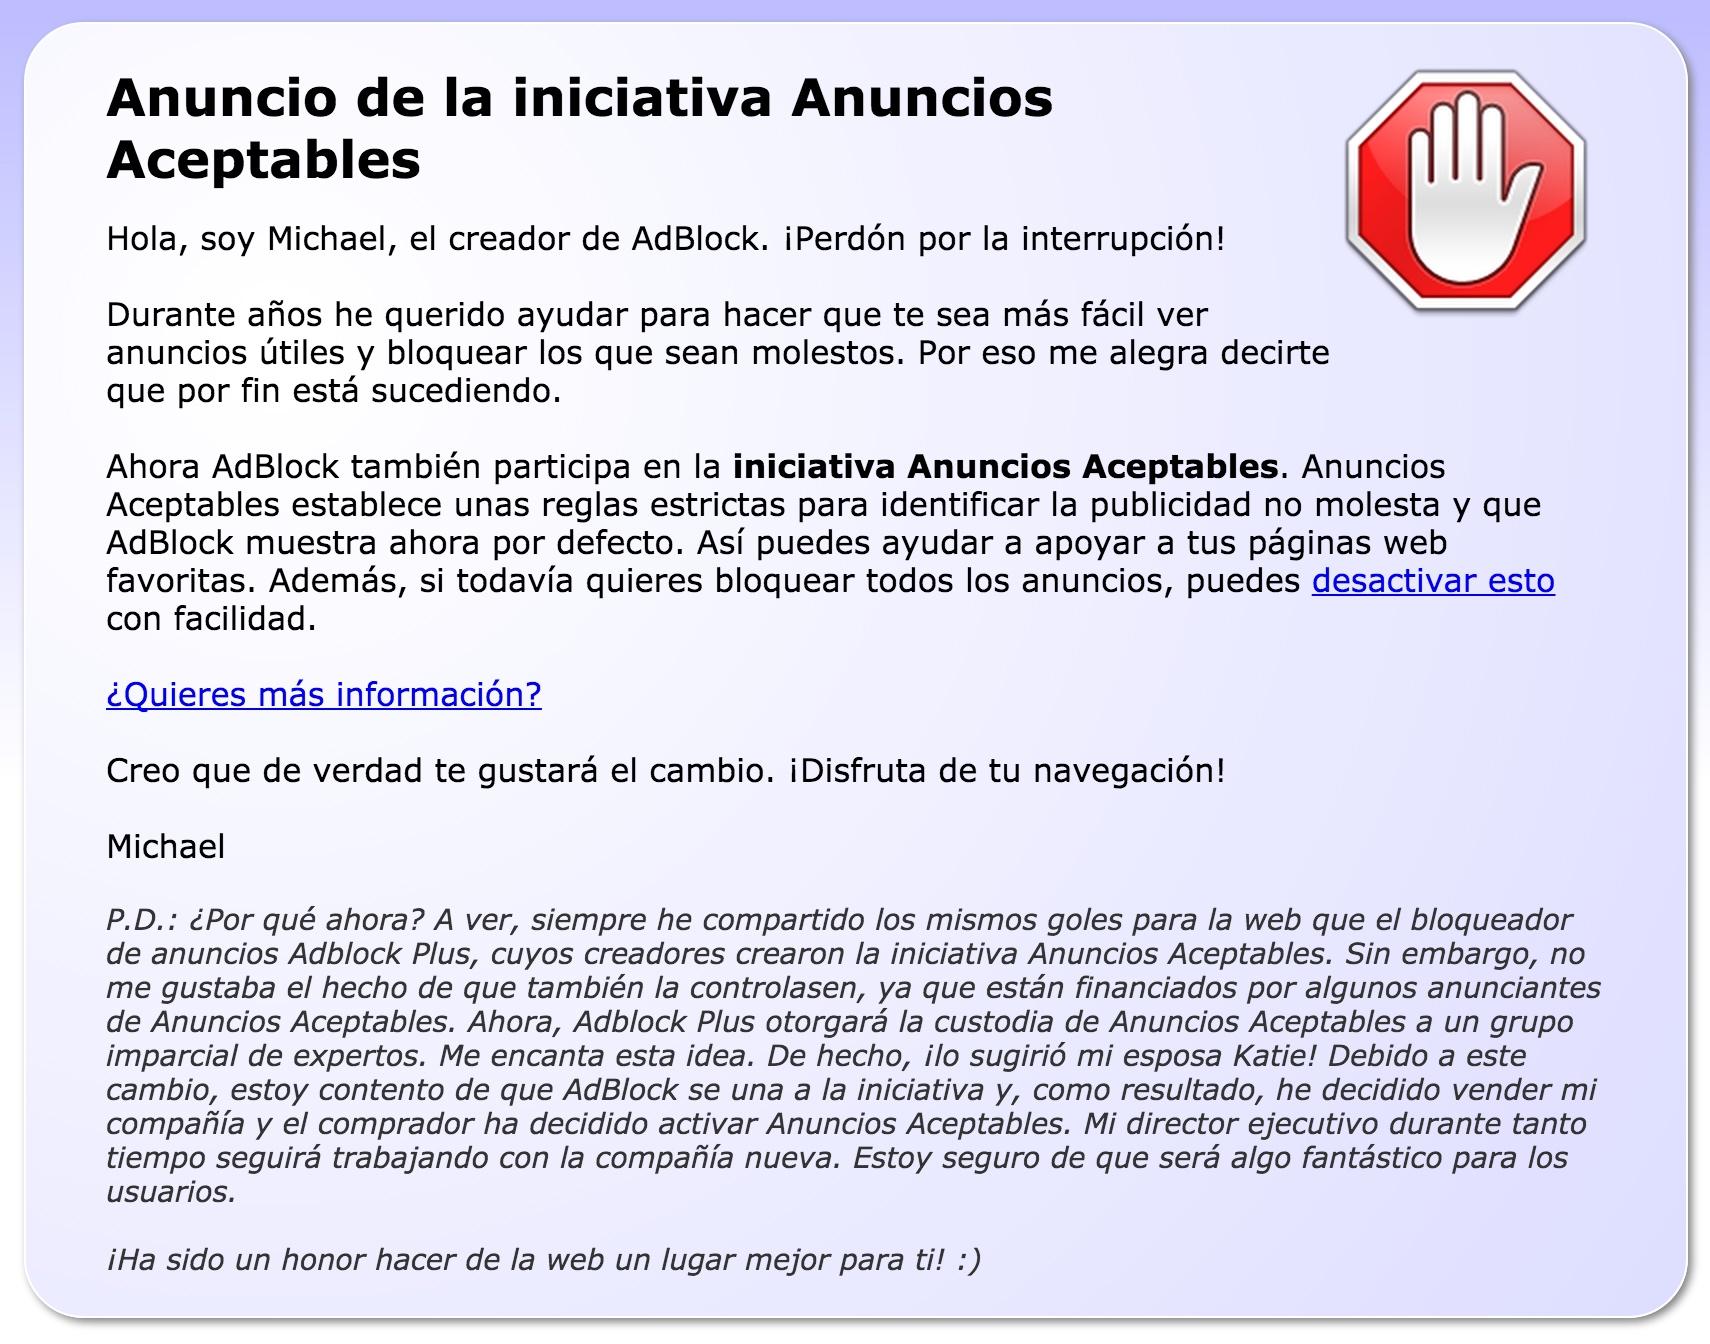 Anuncio de venta de AdBlock